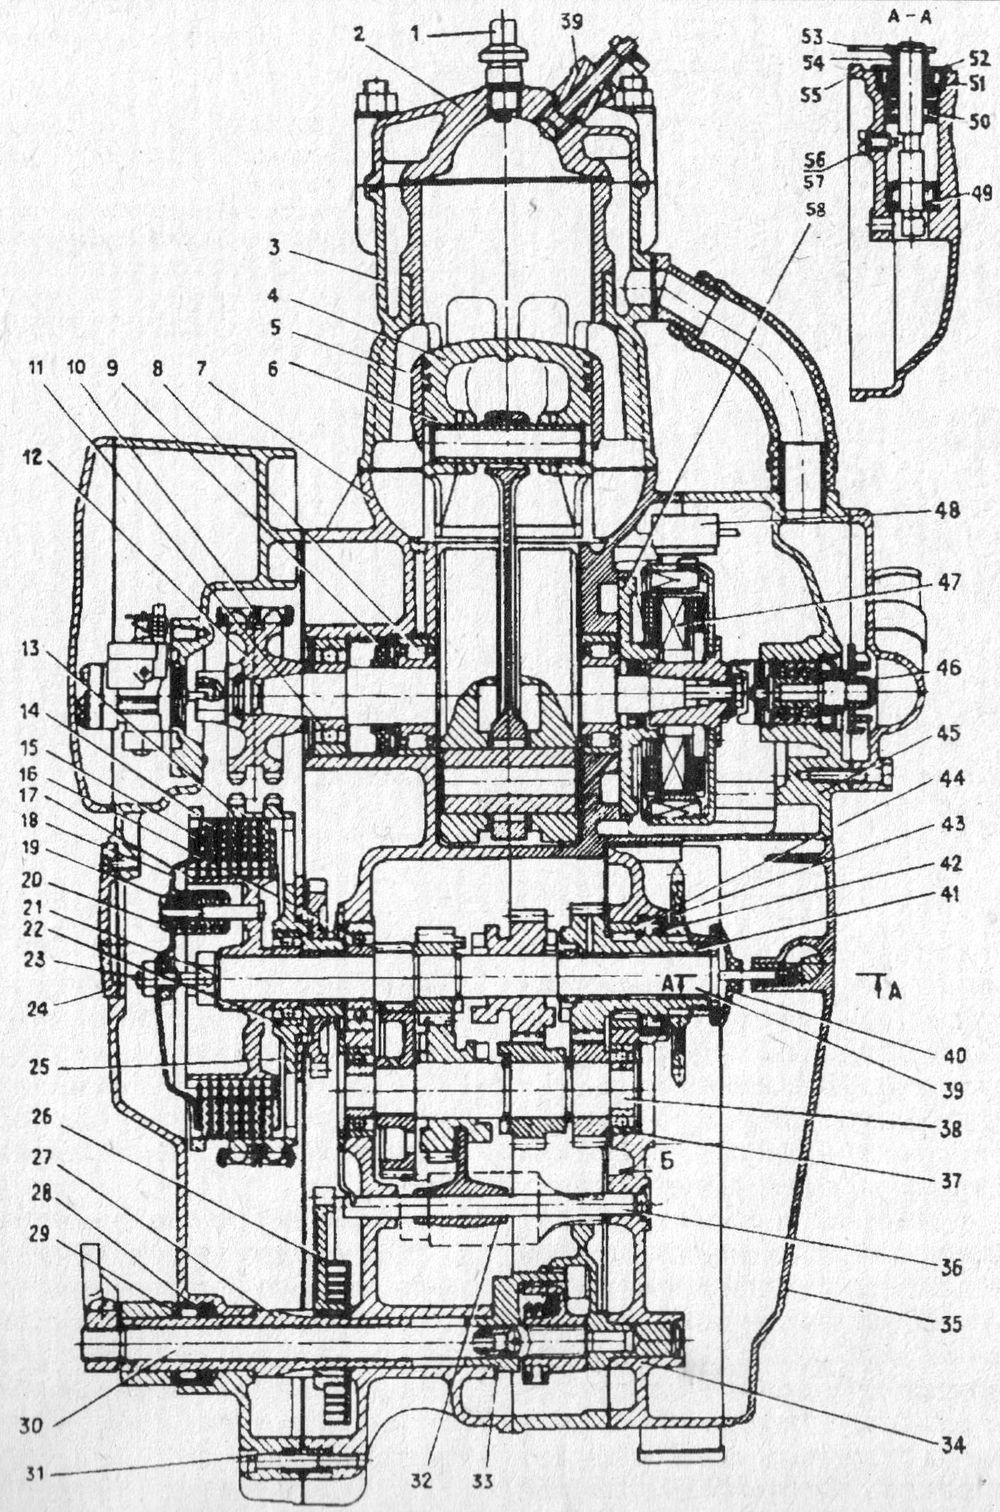 Конструкция двигателя Планета 6 с муфтой сцепления и коробкой передач (в разрезе)